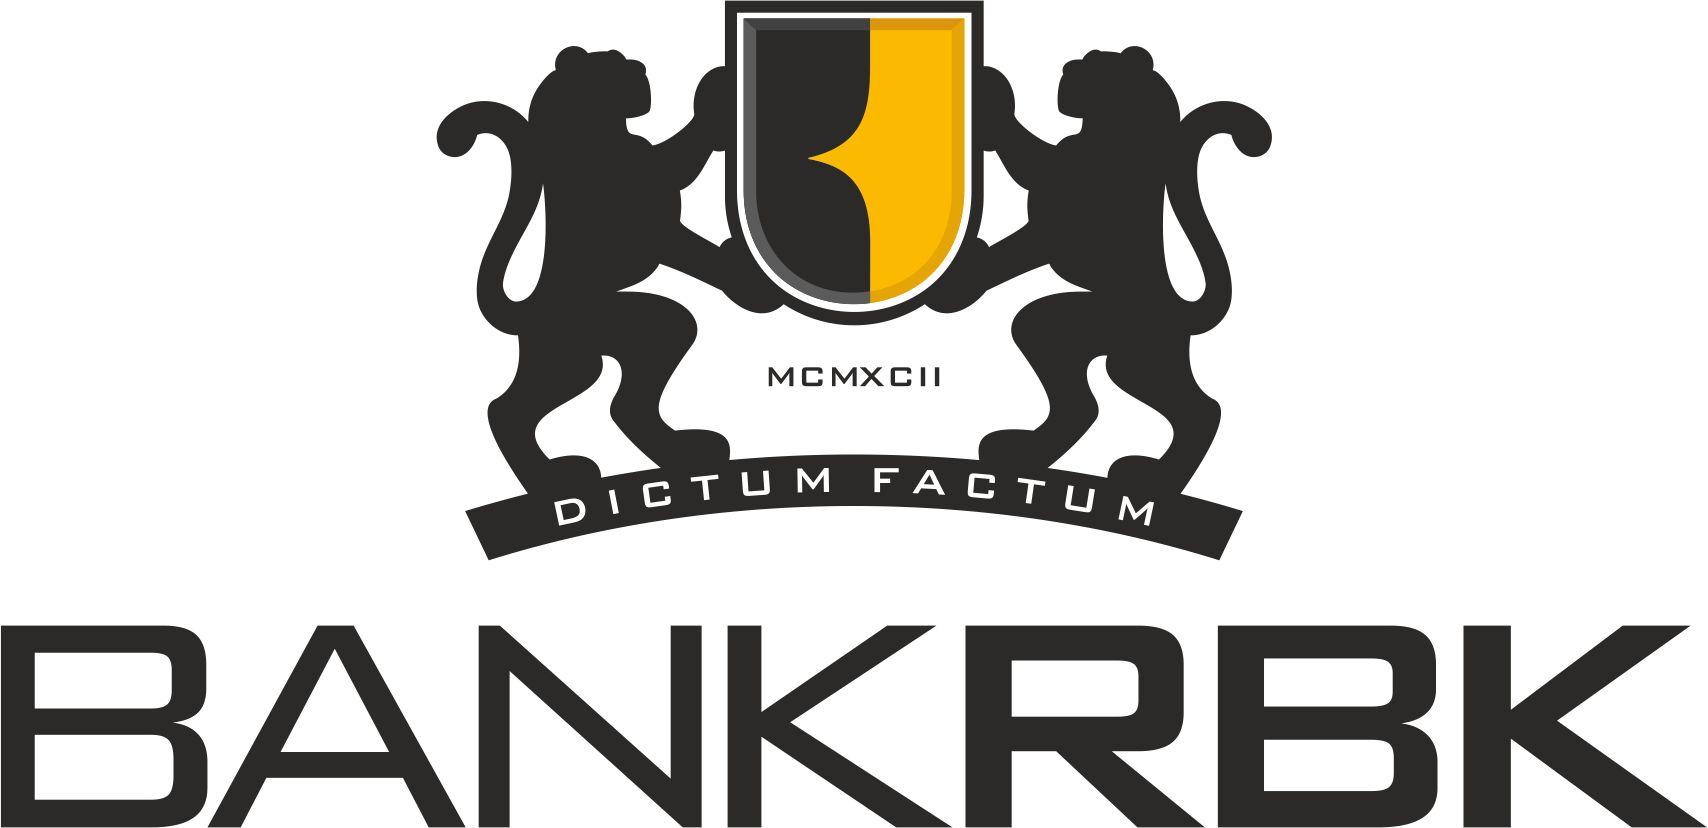 BankRBK